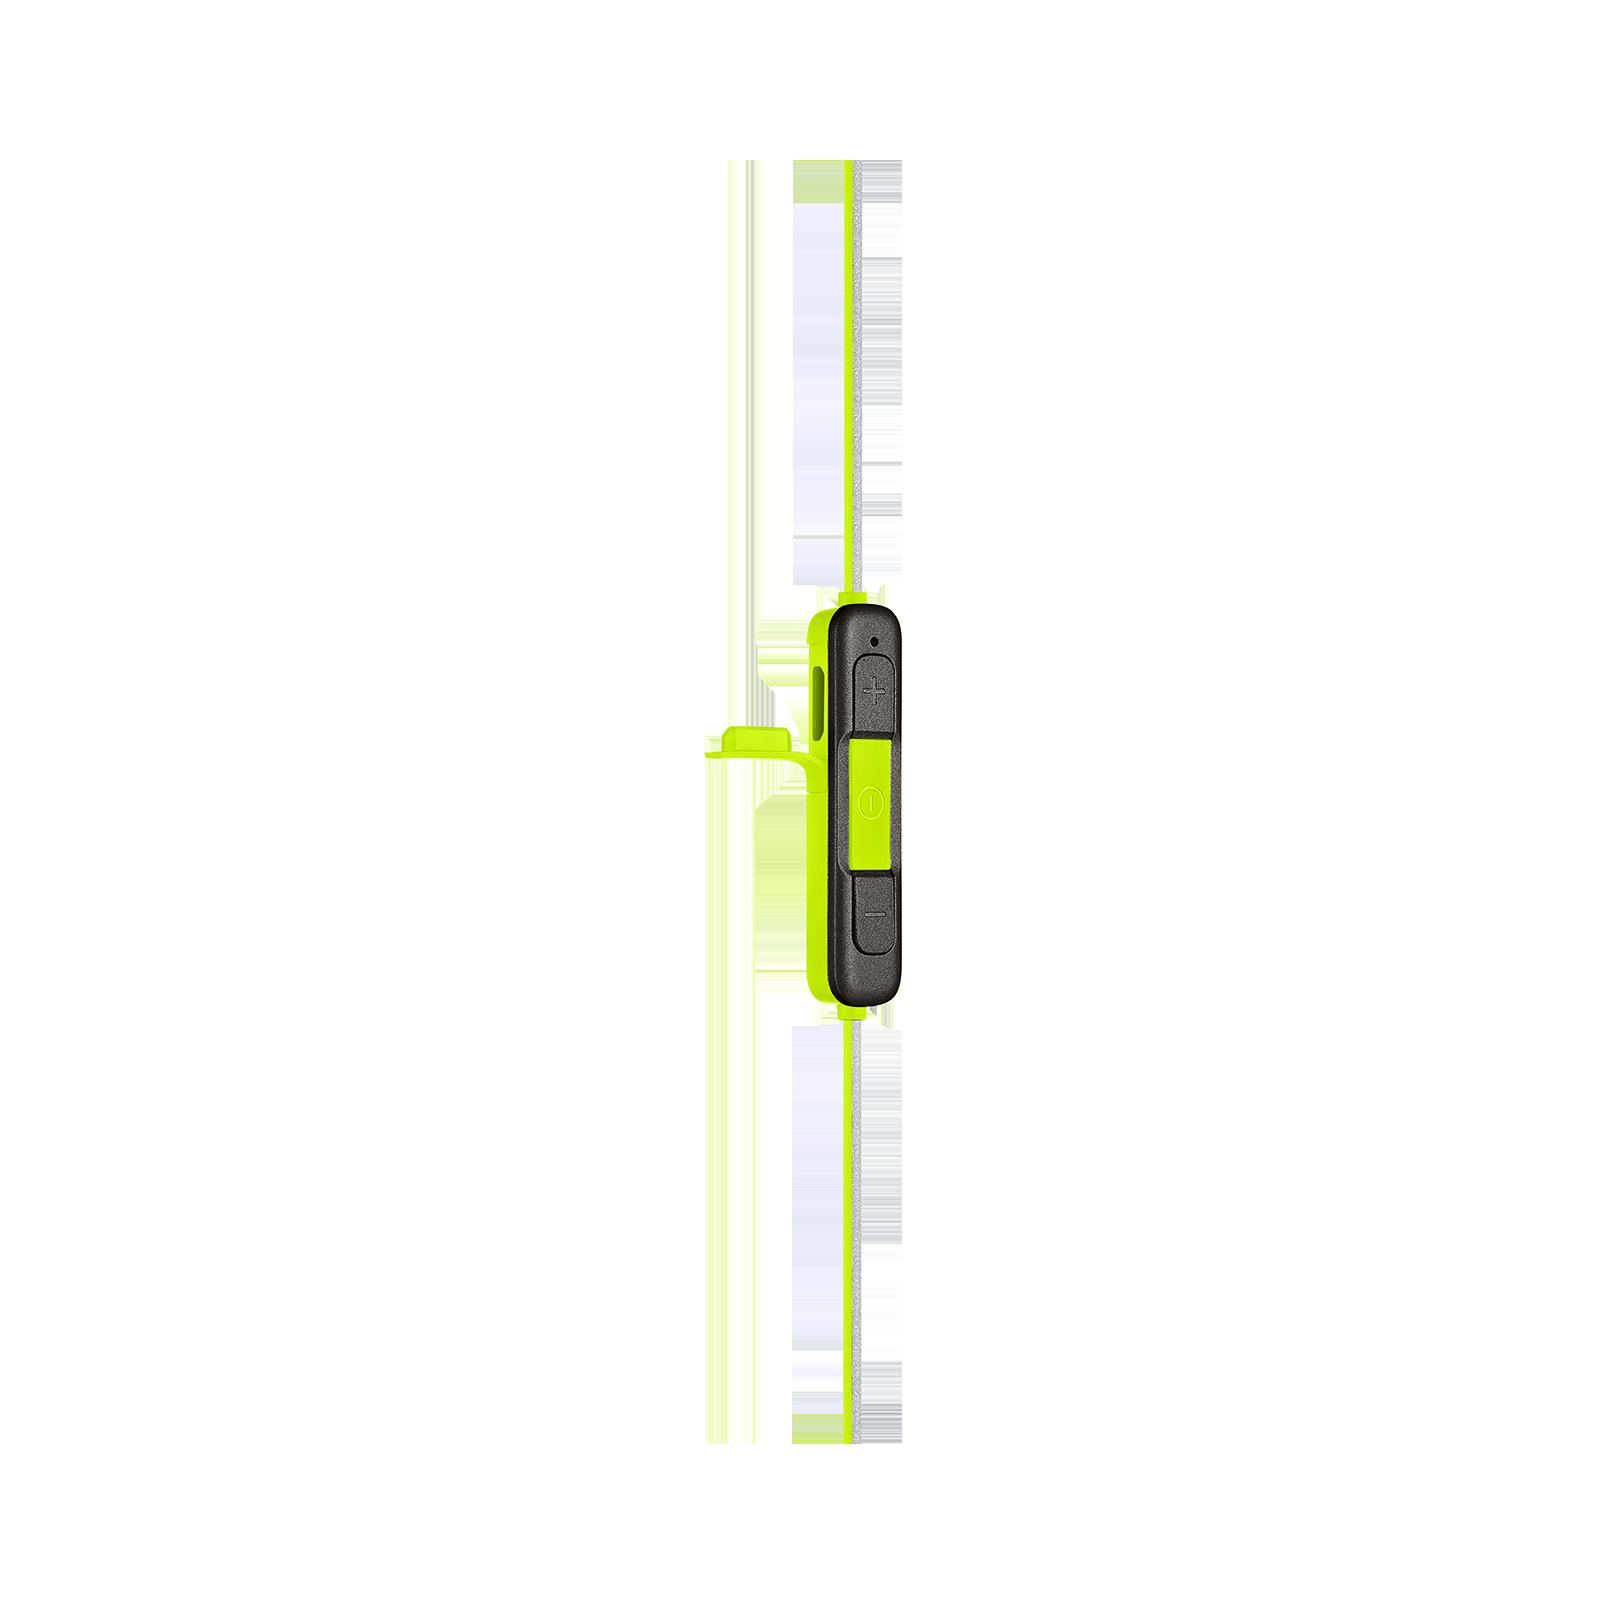 JBL REFLECT MINI 2